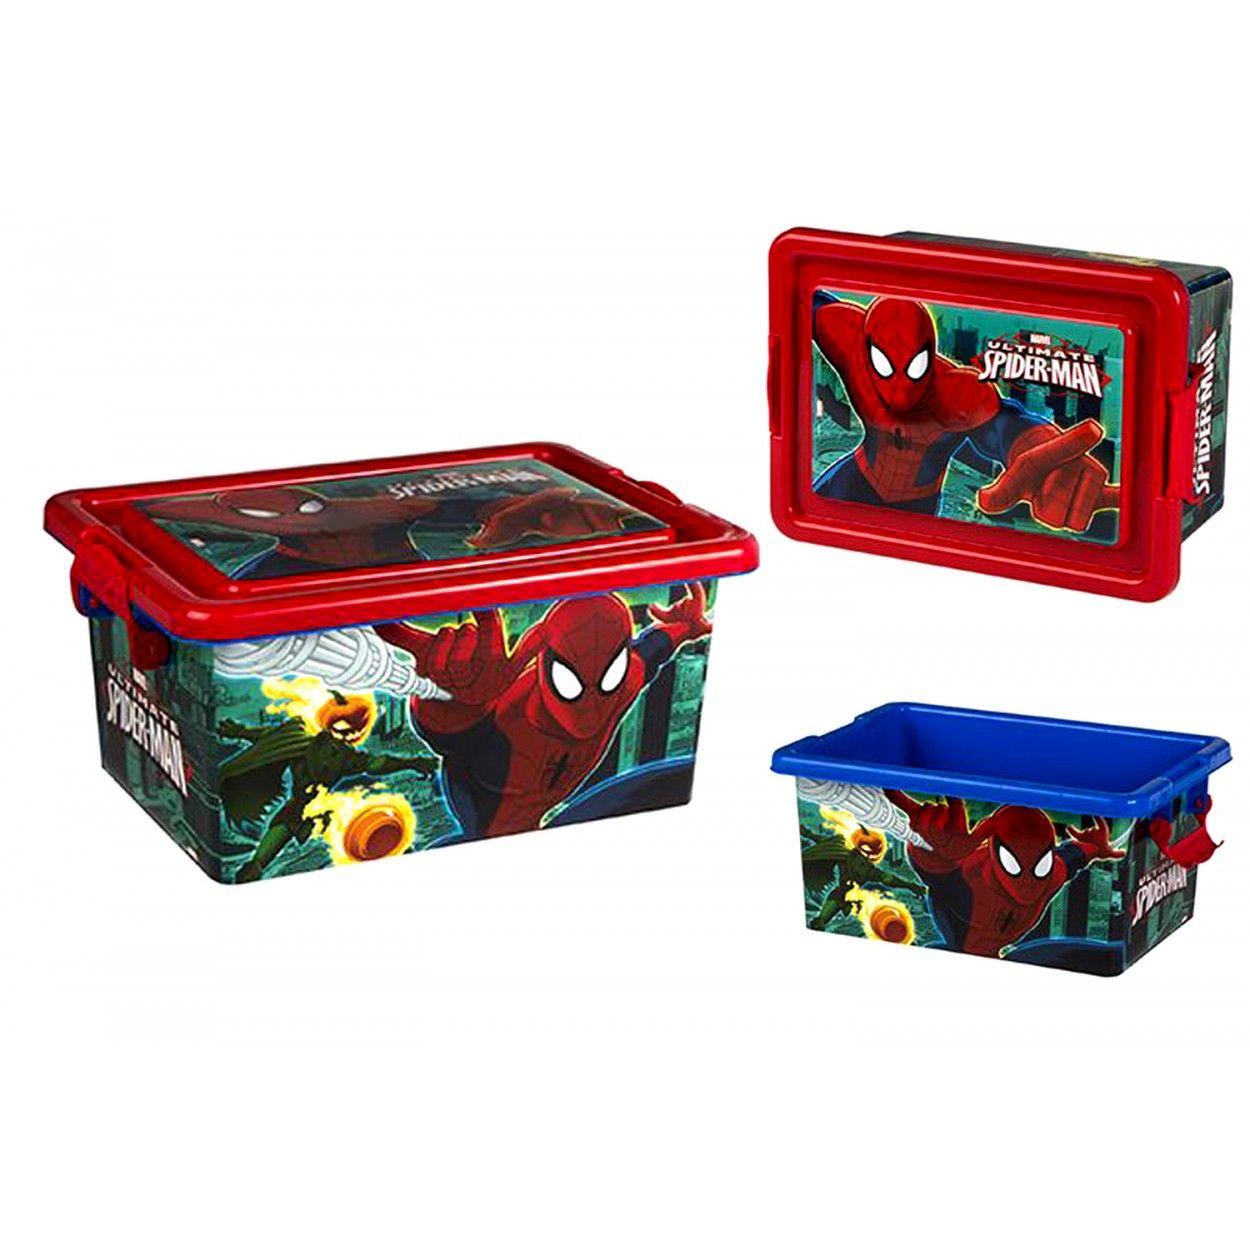 Caja de spiderman para ordenaci n hogar y m s - Cajas de ordenacion ...